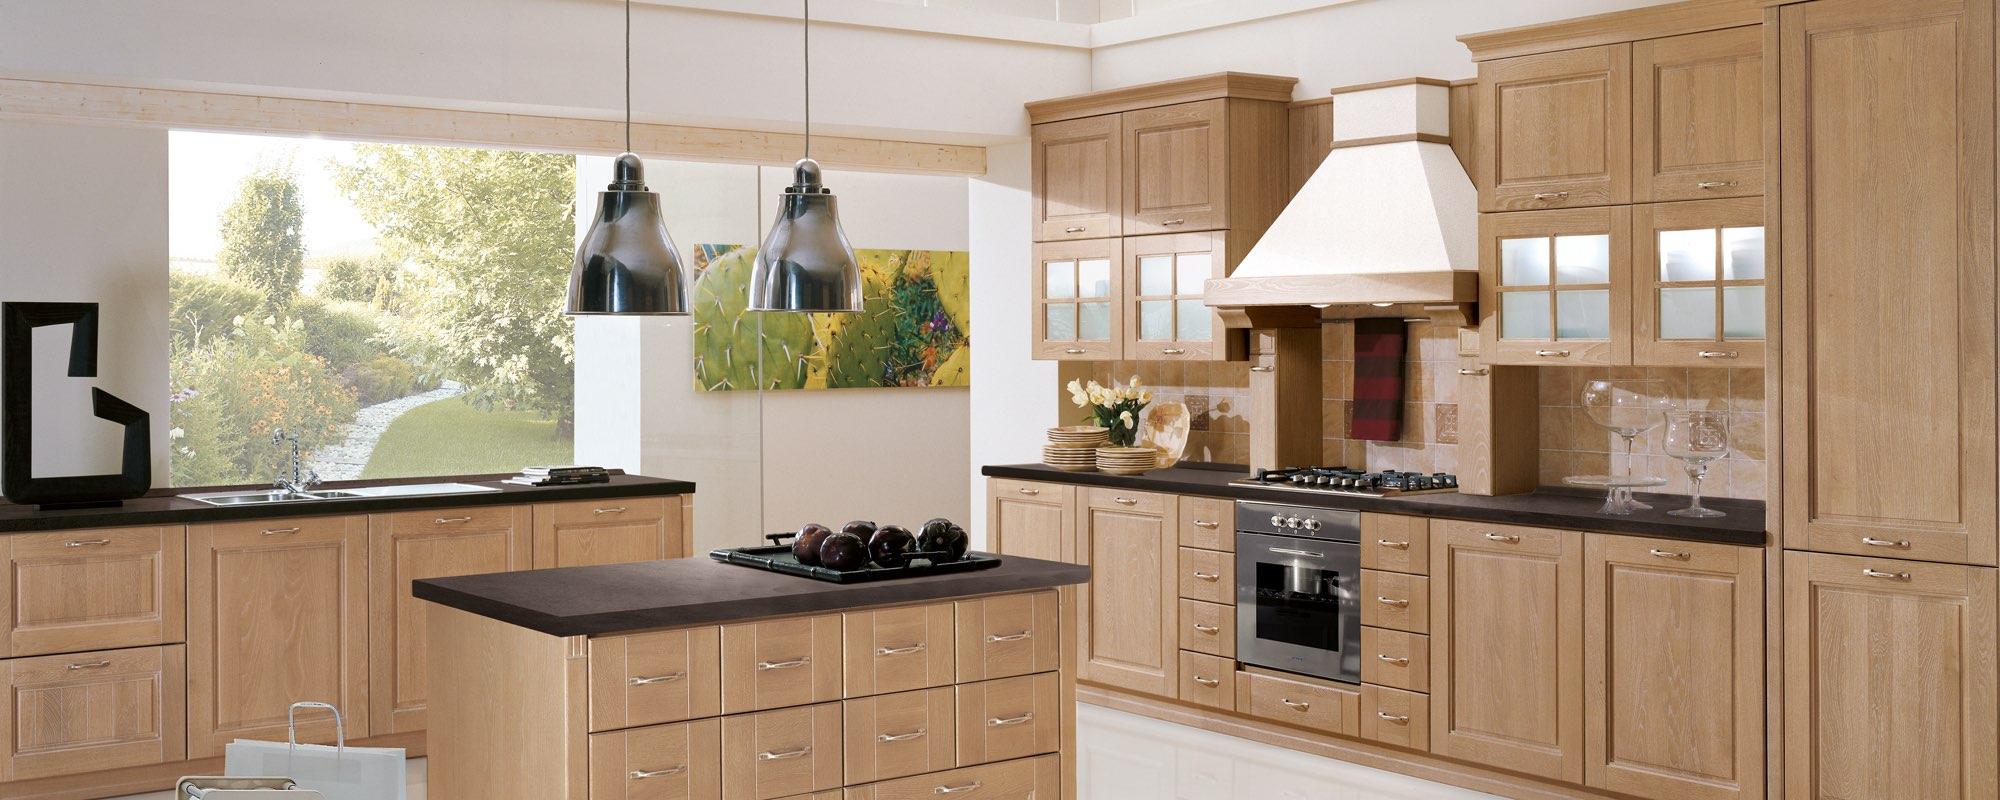 vista frontale di una cucina stosa contemporanea con tavolo in legno e sedie - ONTARIO